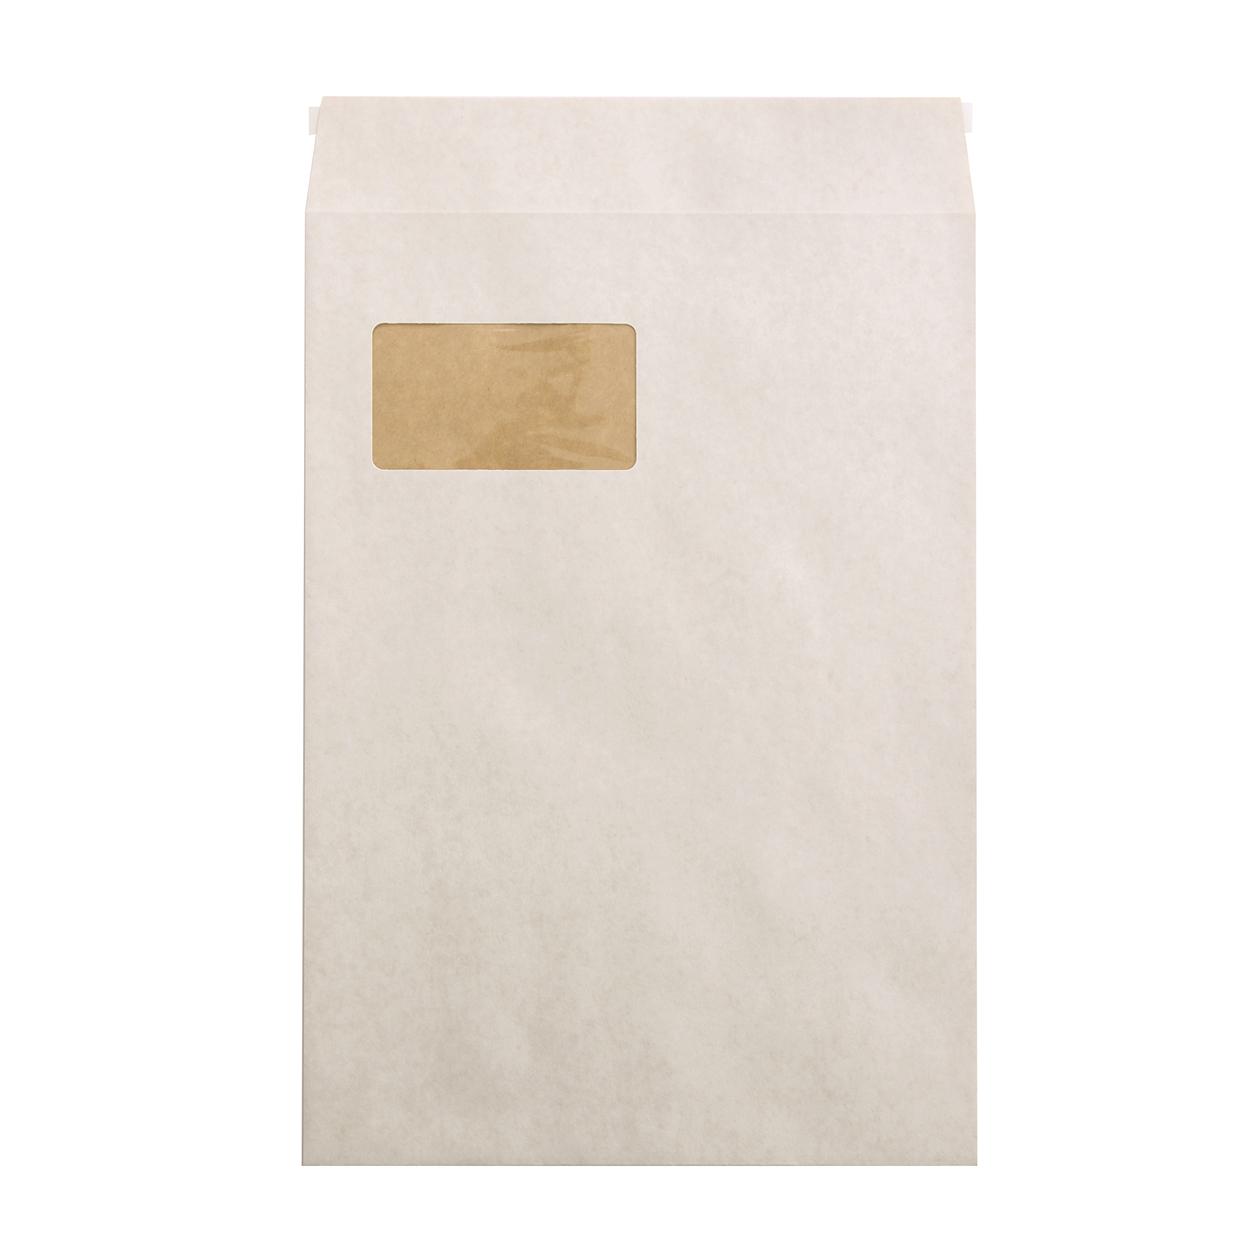 角20窓封筒 ホワイトクラフト 100g テープ有